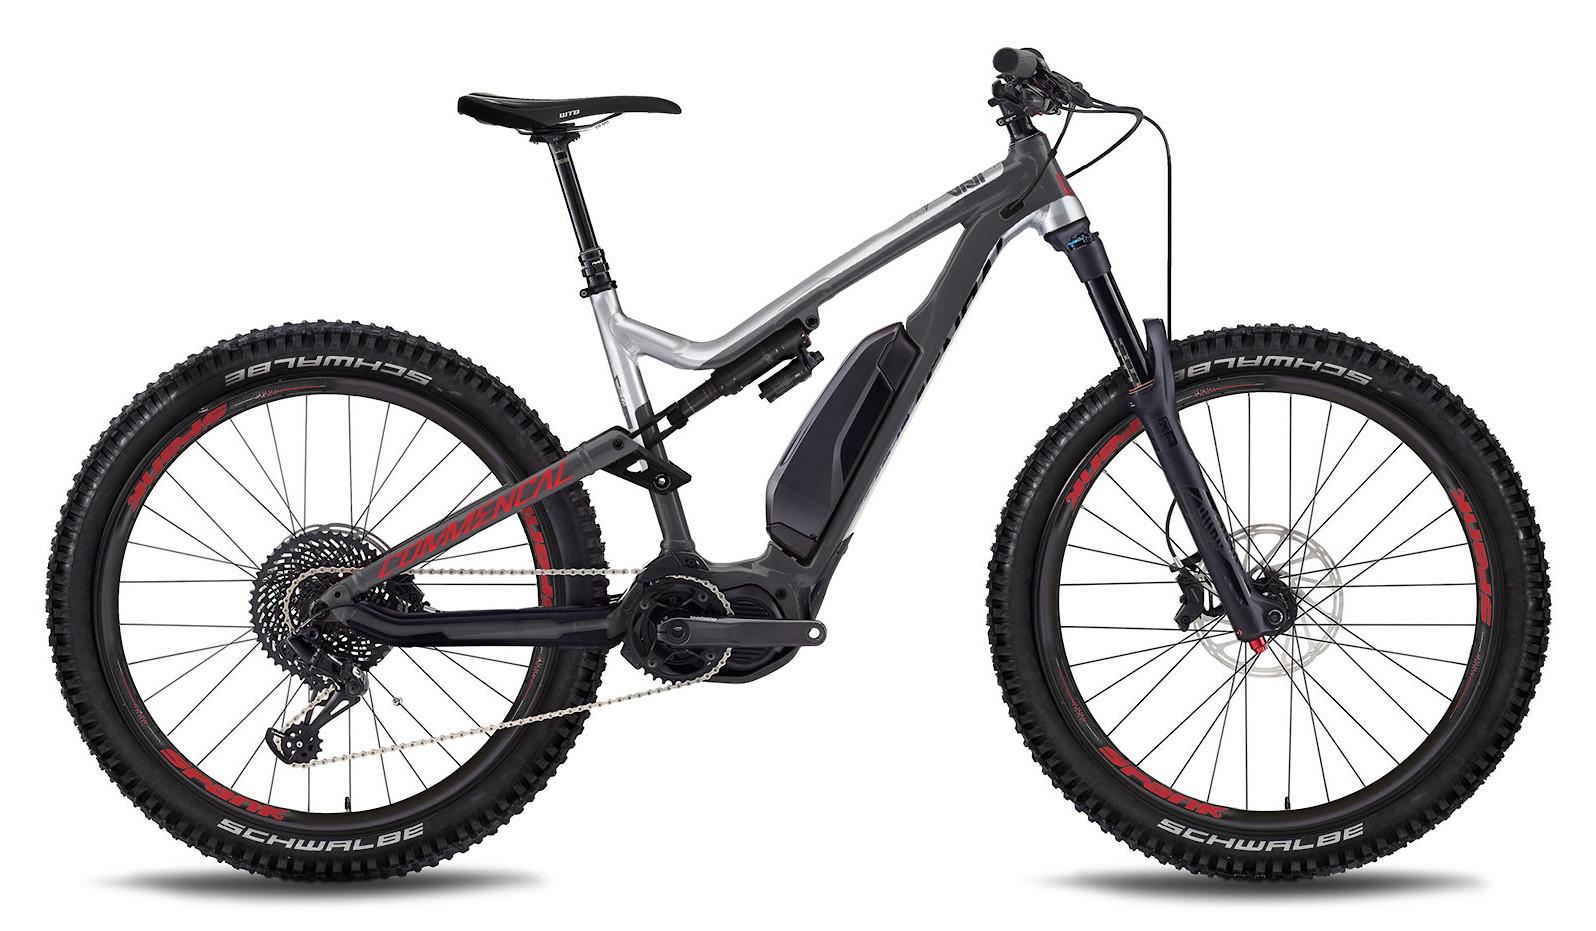 2019 Commencal Meta Power 27 Essential E-Bike